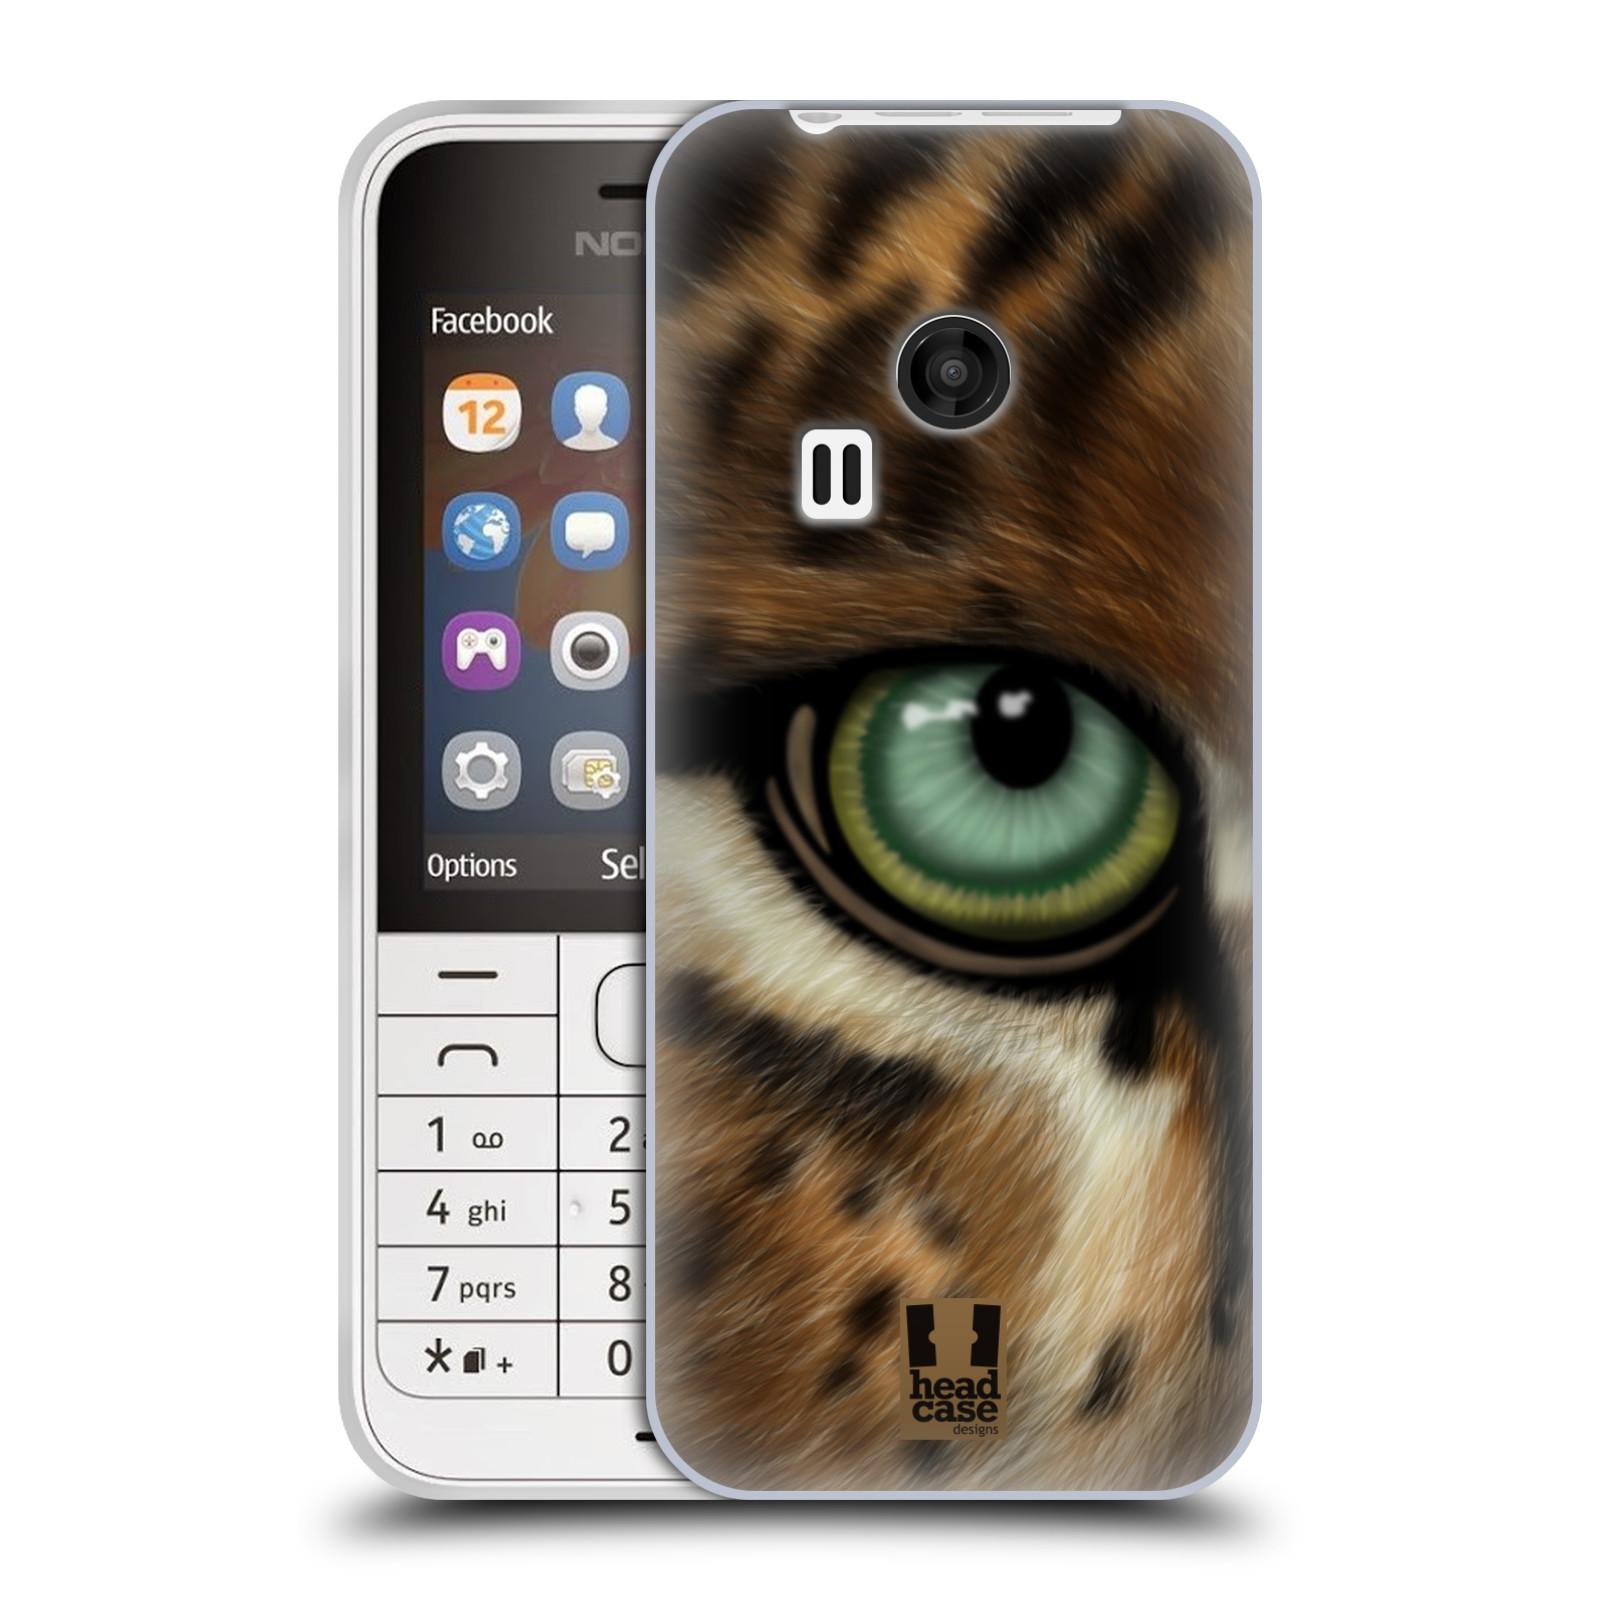 HEAD CASE silikonový obal na mobil NOKIA 220 / NOKIA 220 DUAL SIM vzor pohled zvířete oko leopard